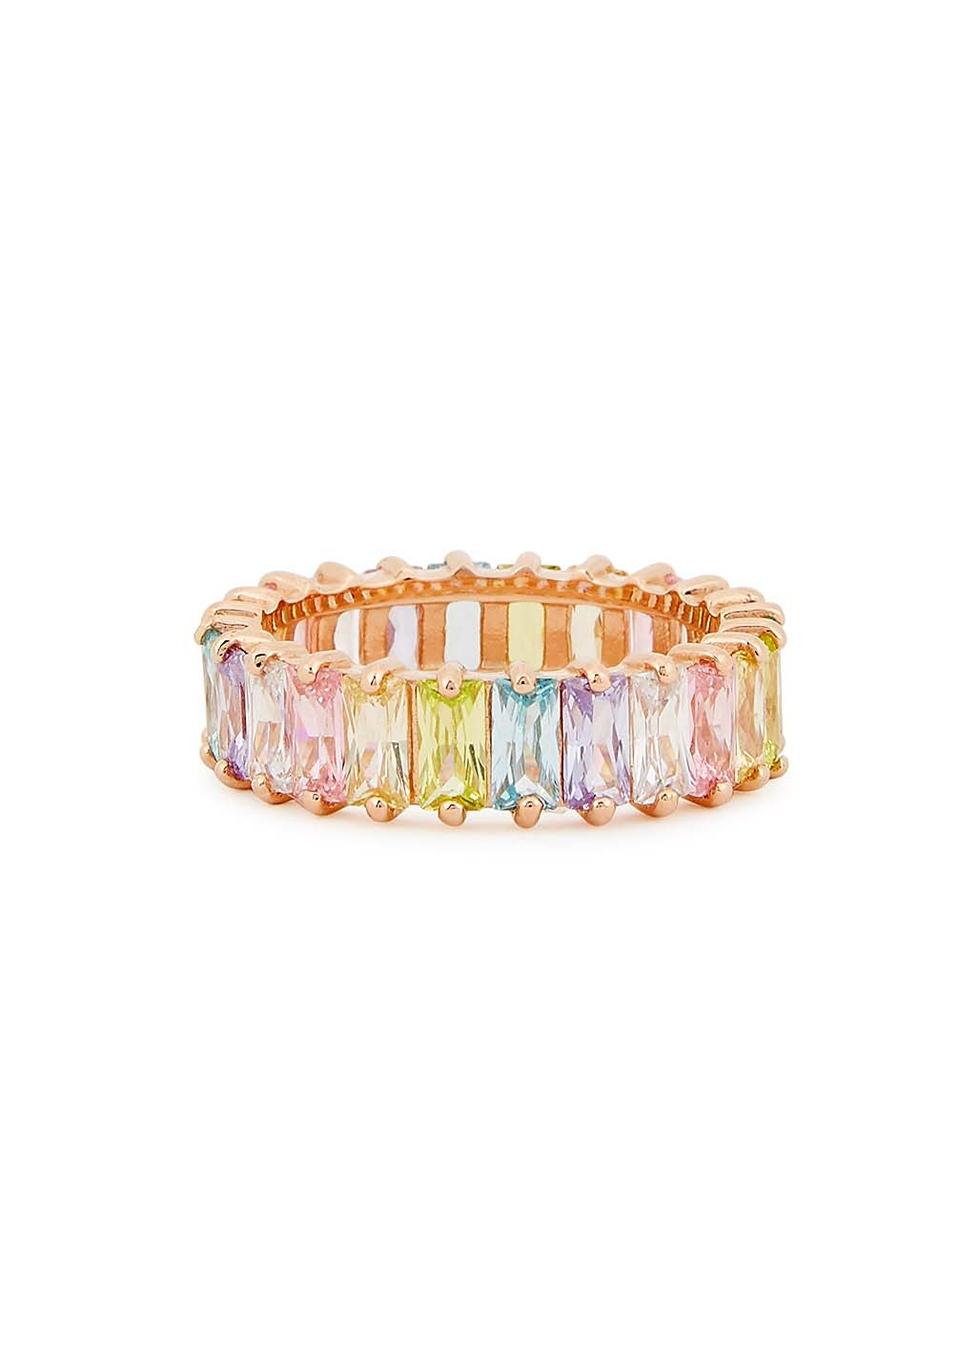 Crystal-embellished 18kt rose gold-plated ring